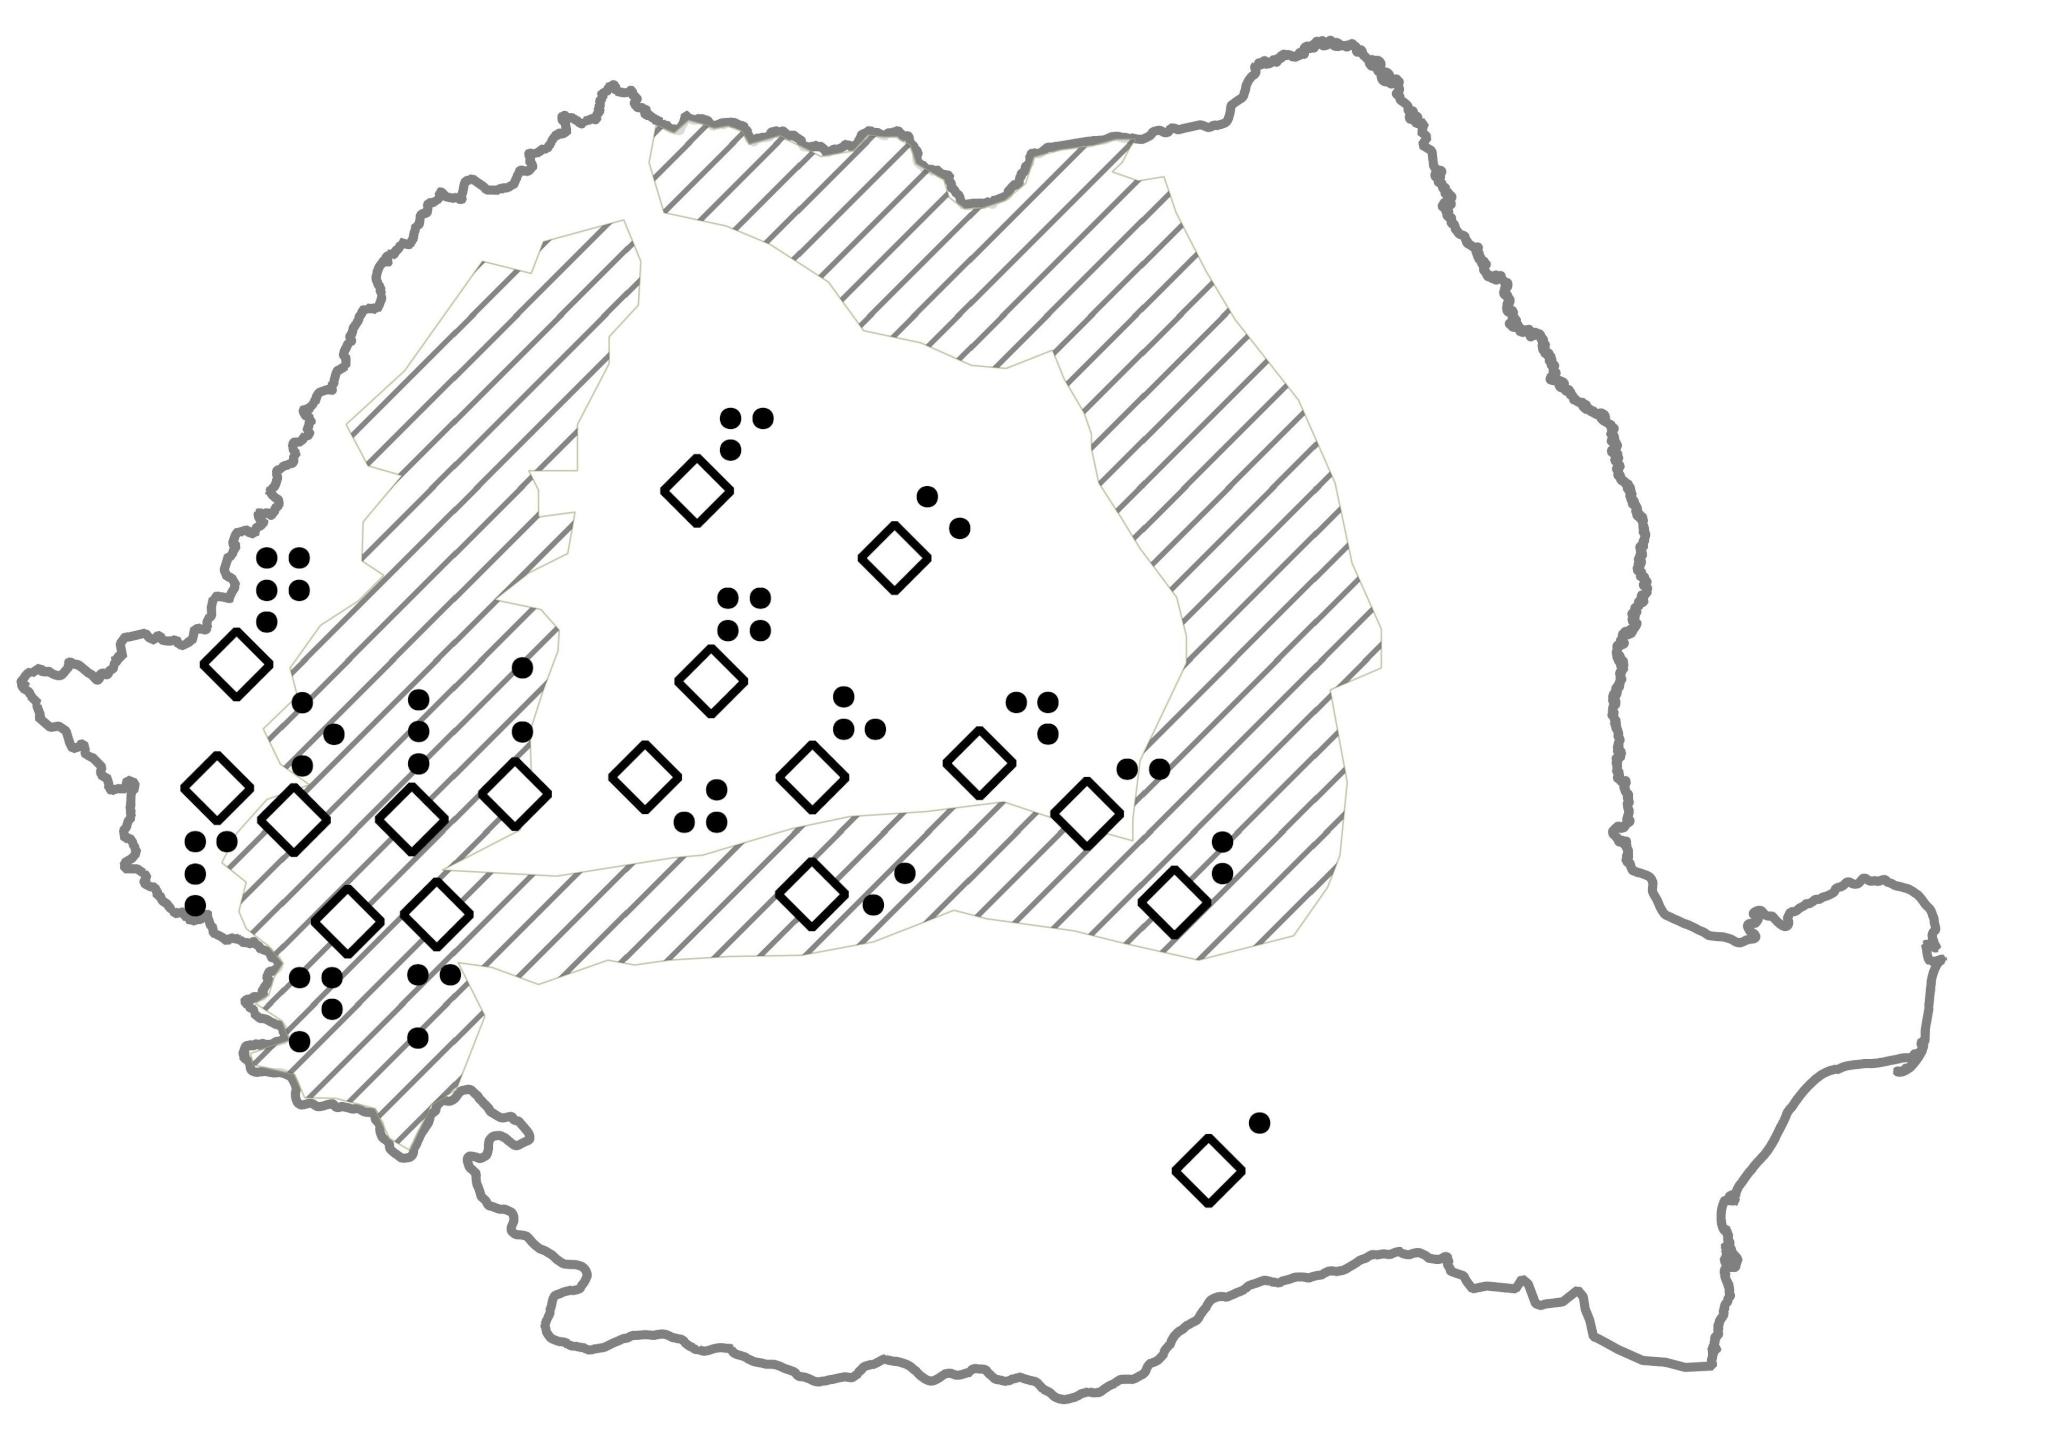 Harta cu orașele în care au avut loc revolte în decembrie 1989